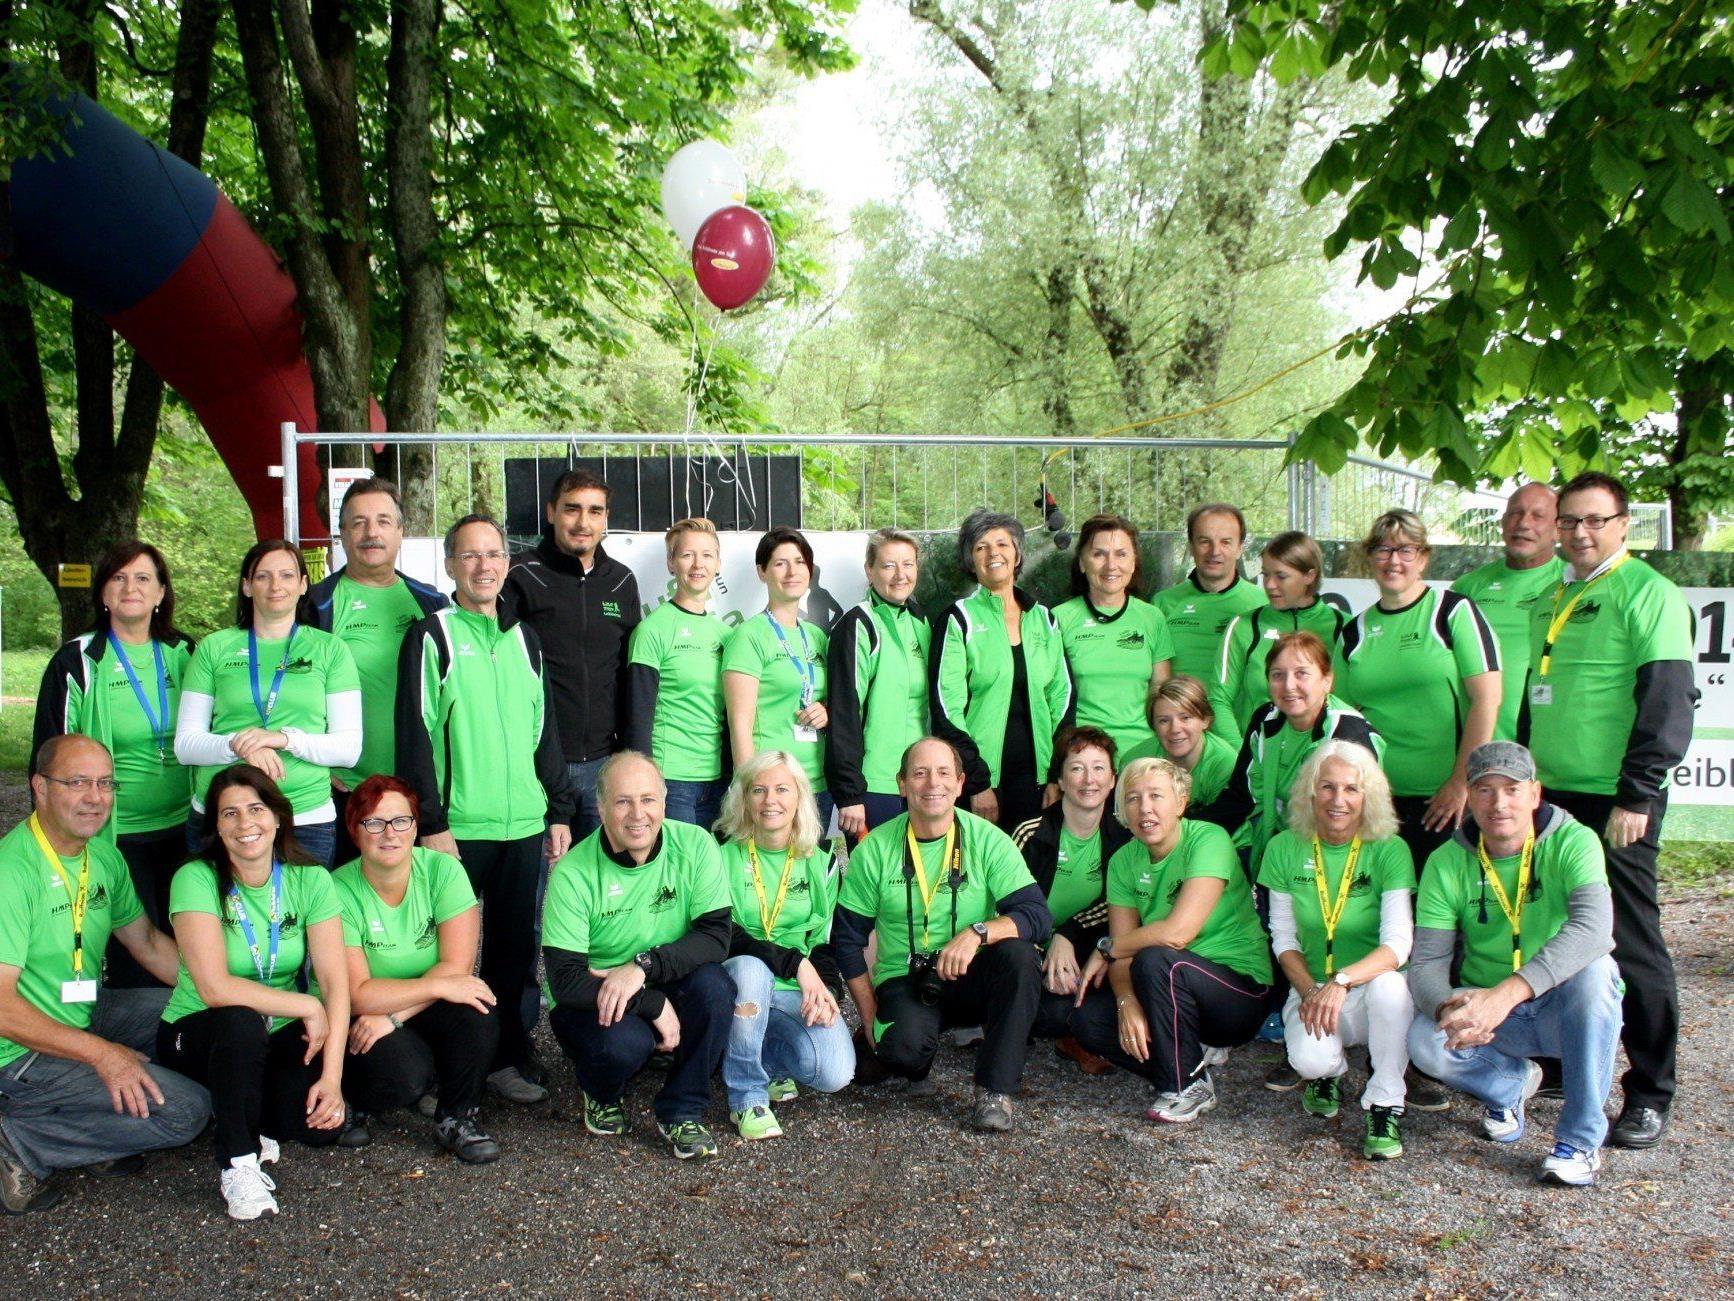 """Die Laufsportgruppe """"LaufTreff Leiblachtal"""" freute sich als engagierter Veranstalter über einen erfolgreichen 1. Charity-Lauf-Event in Lochau am Bodensee."""